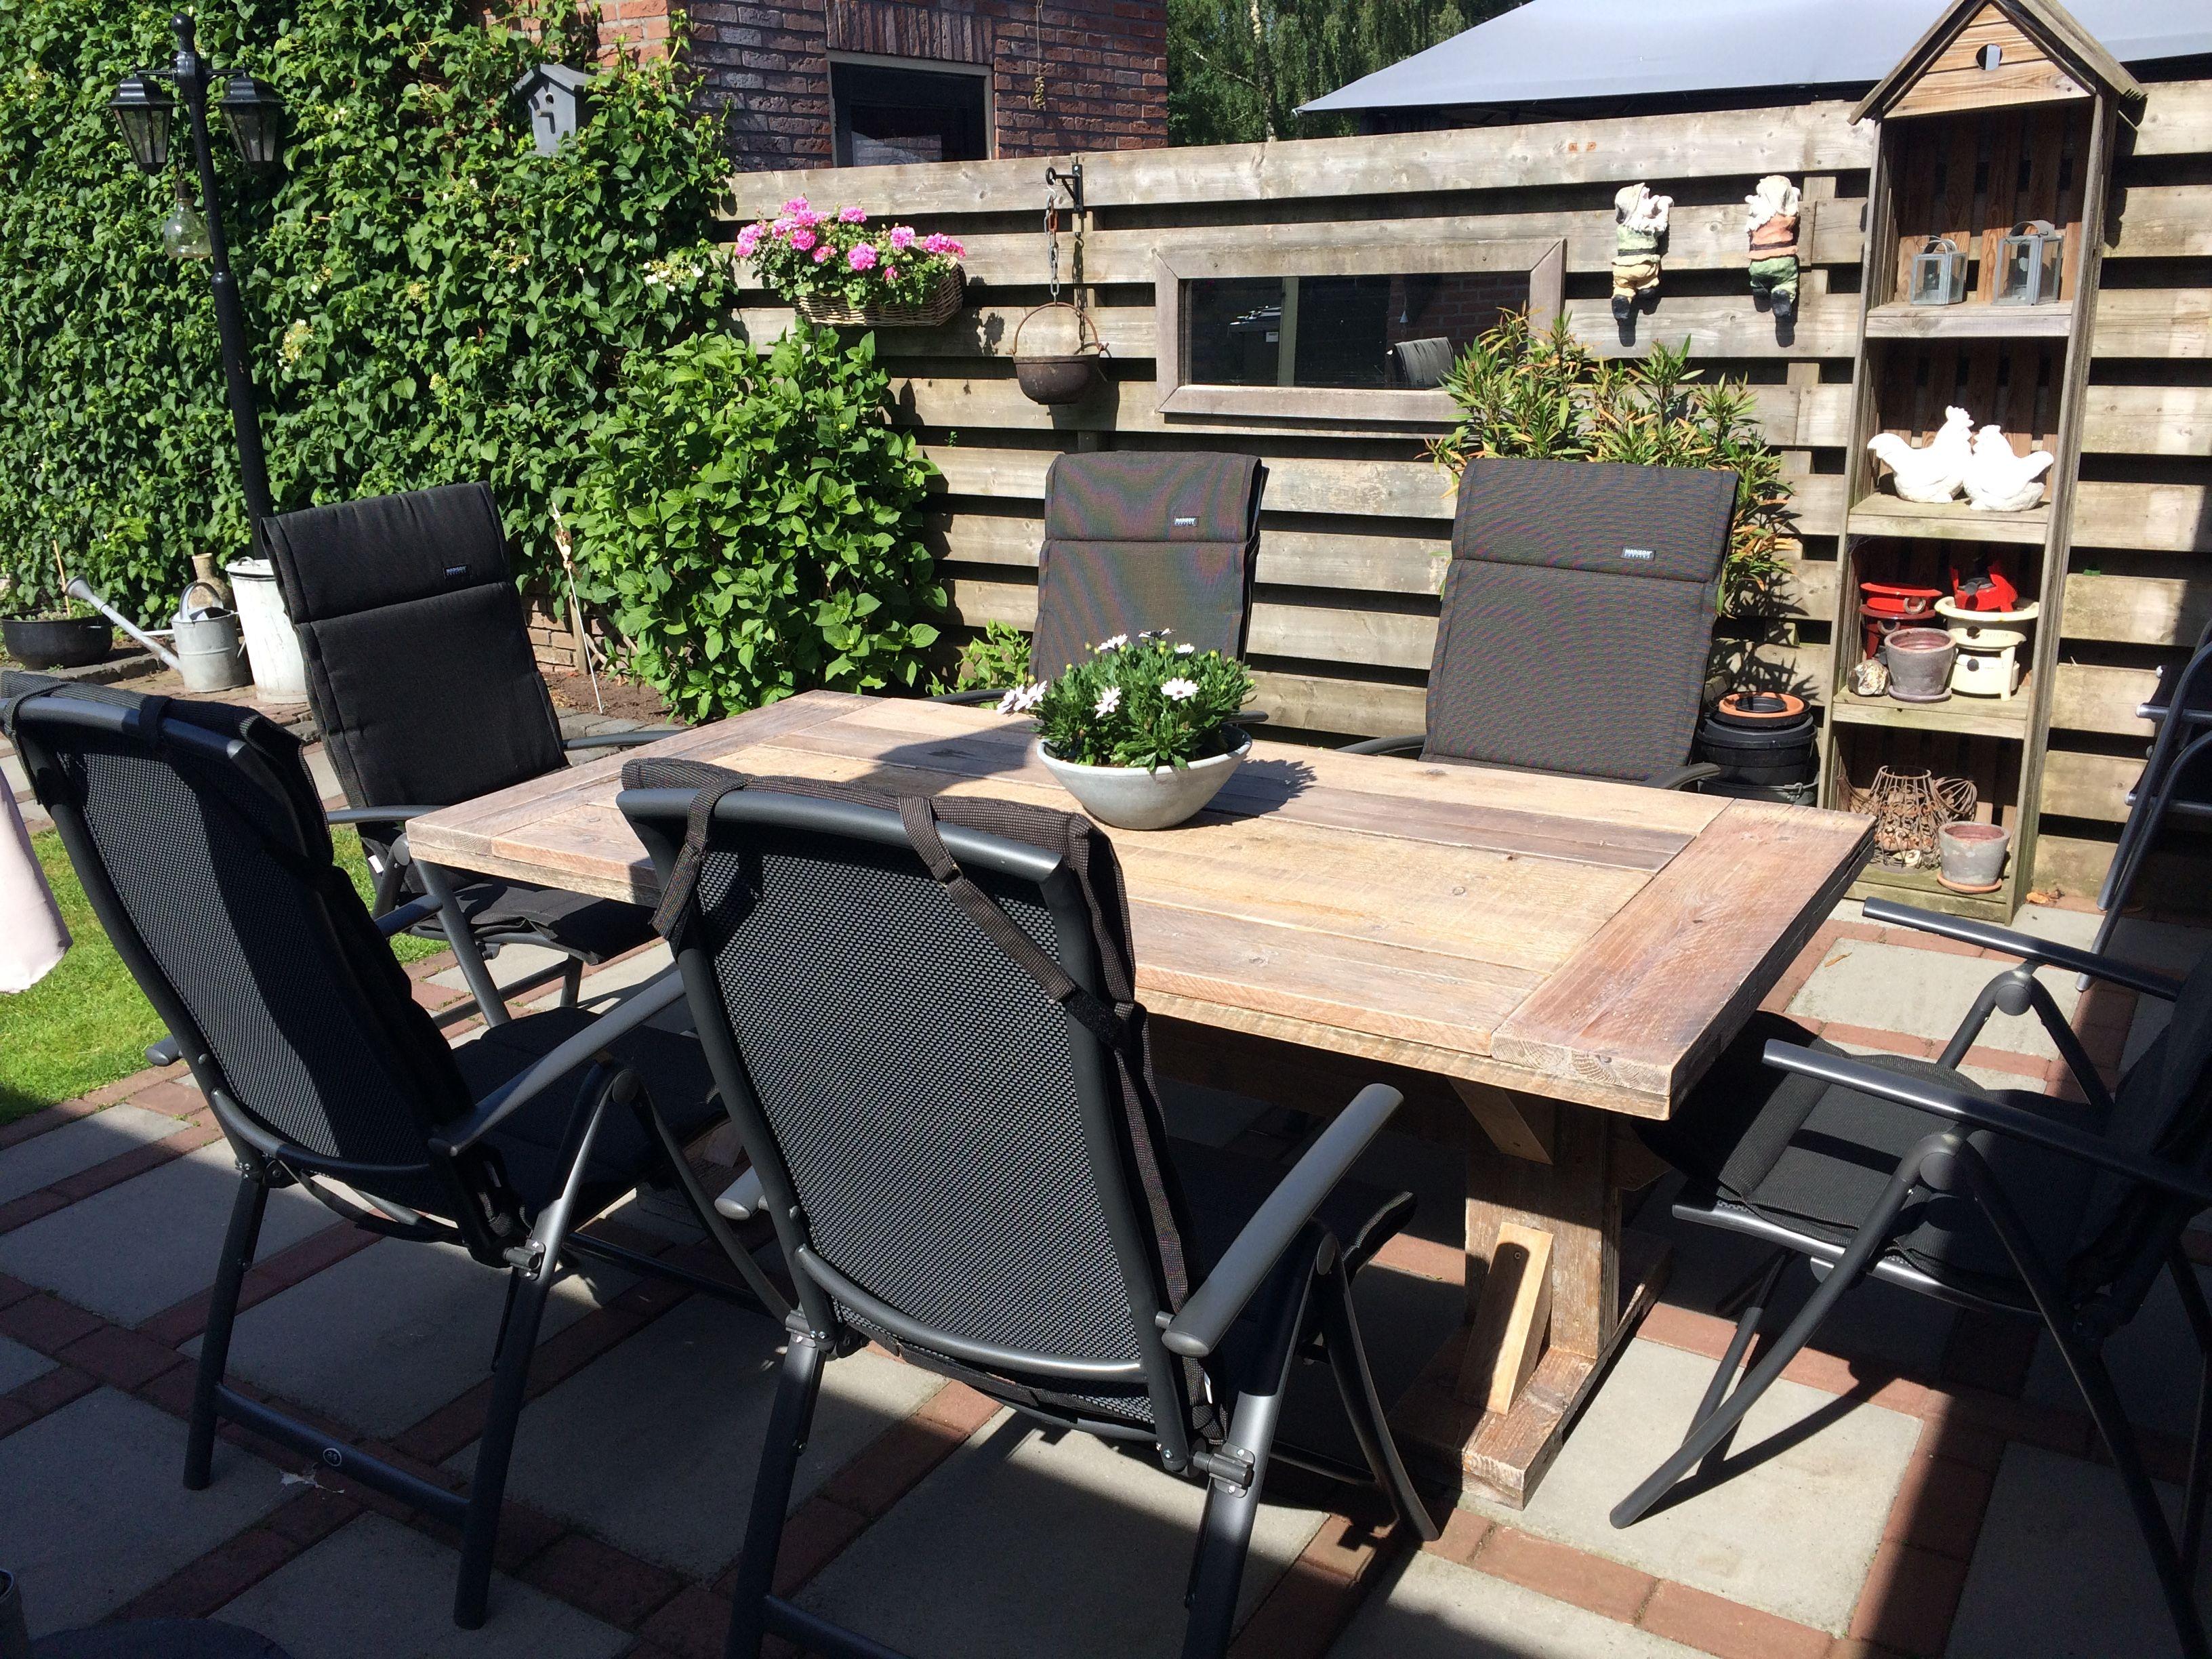 Houten tafel met zes zwarte tuinstoelen en zwarte for Zwarte tuinstoelen